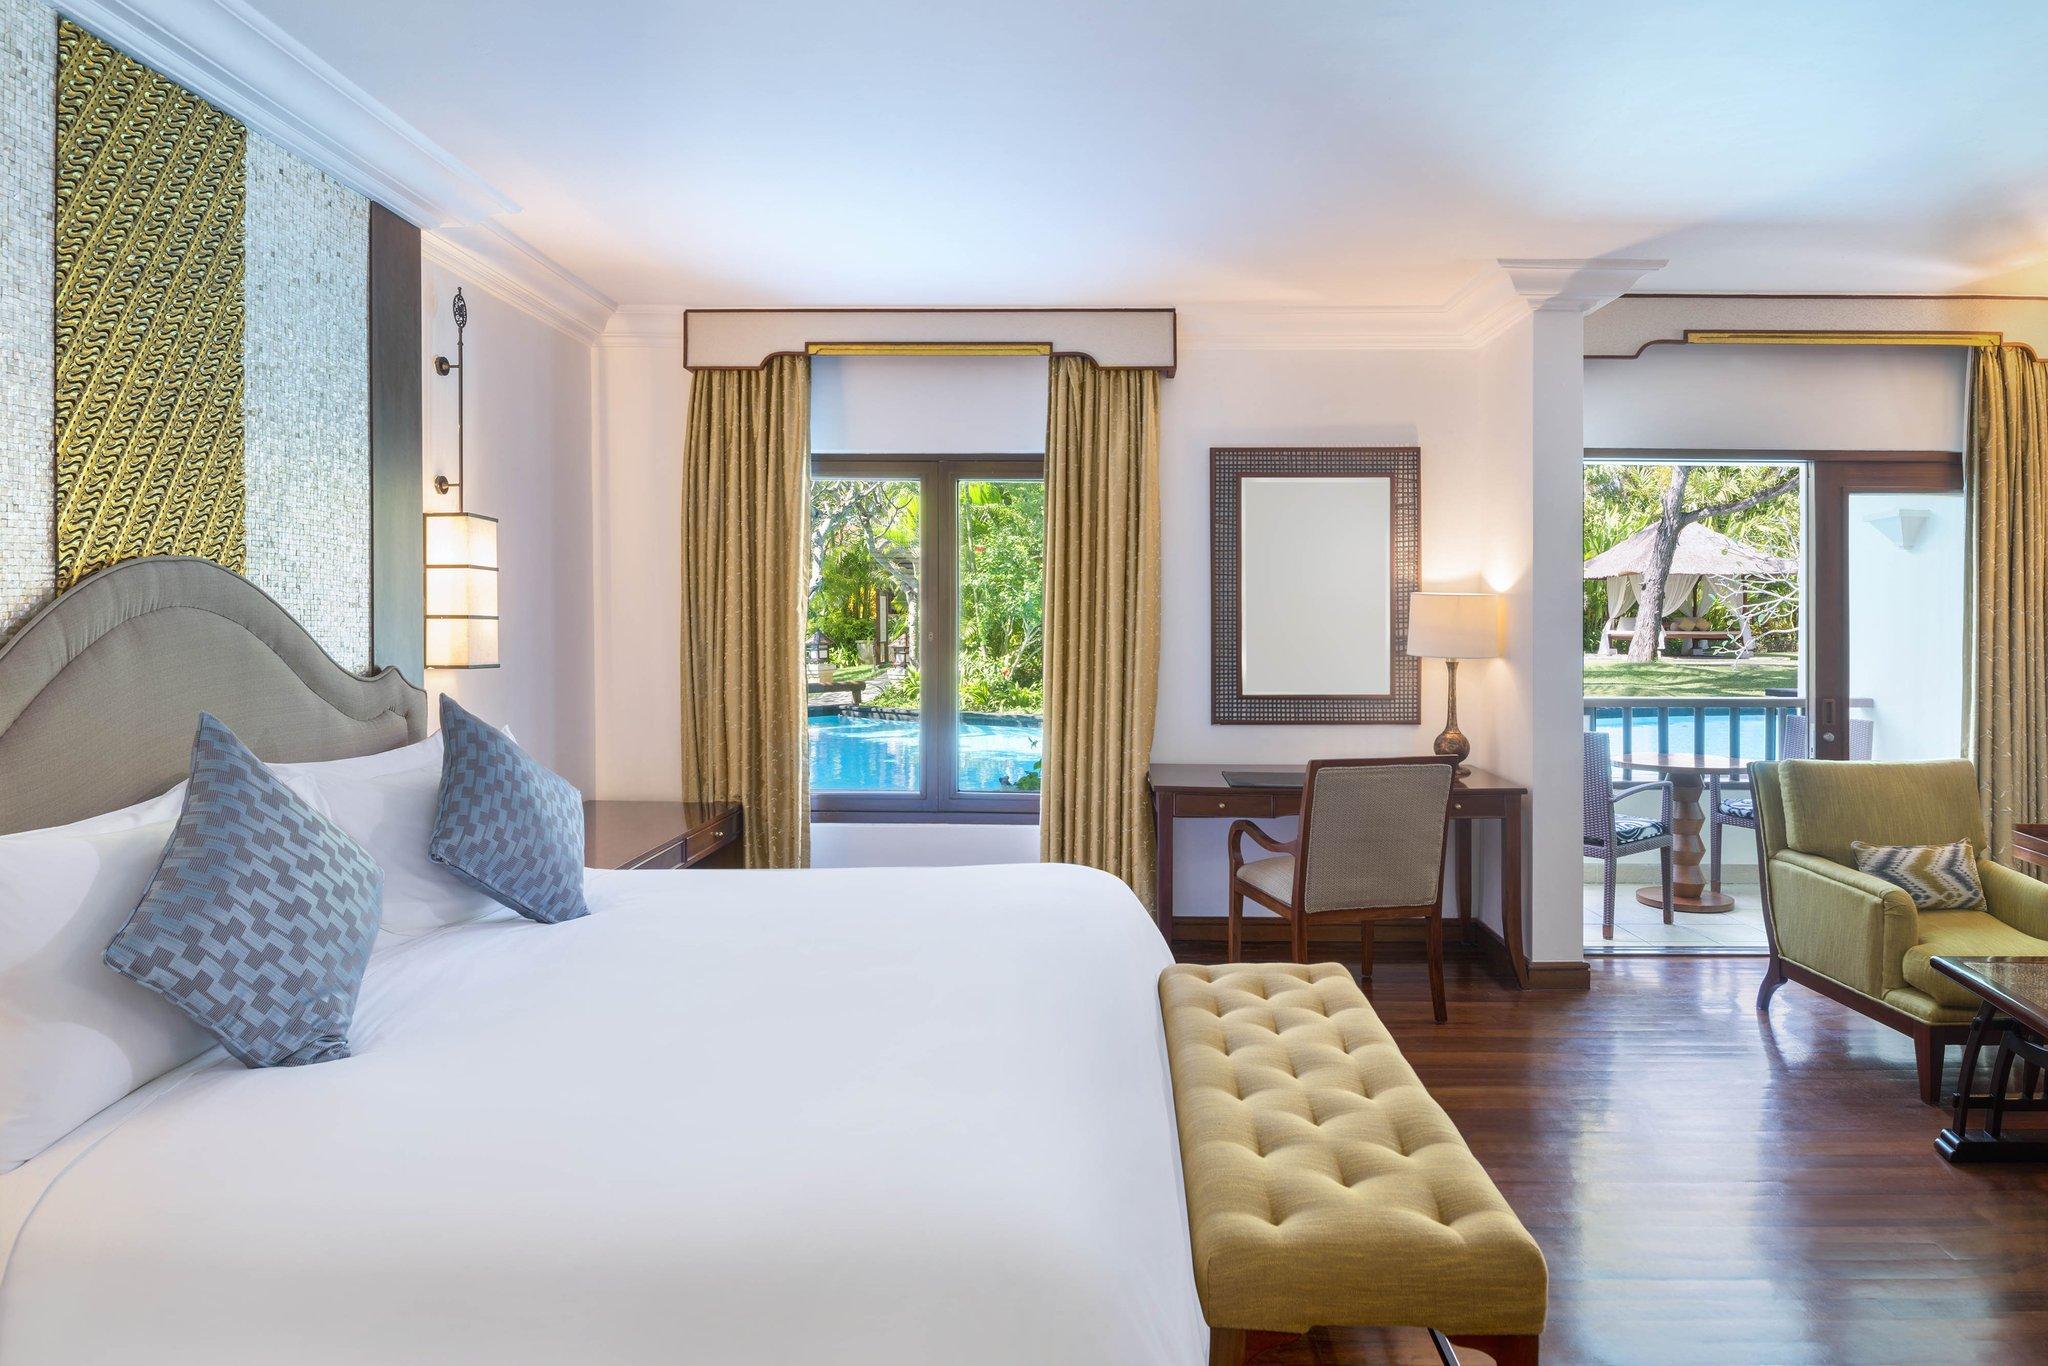 هتل د لاگونا ا لوکسری کالکشن رسورت اند اسپا نوسا دوا بالی